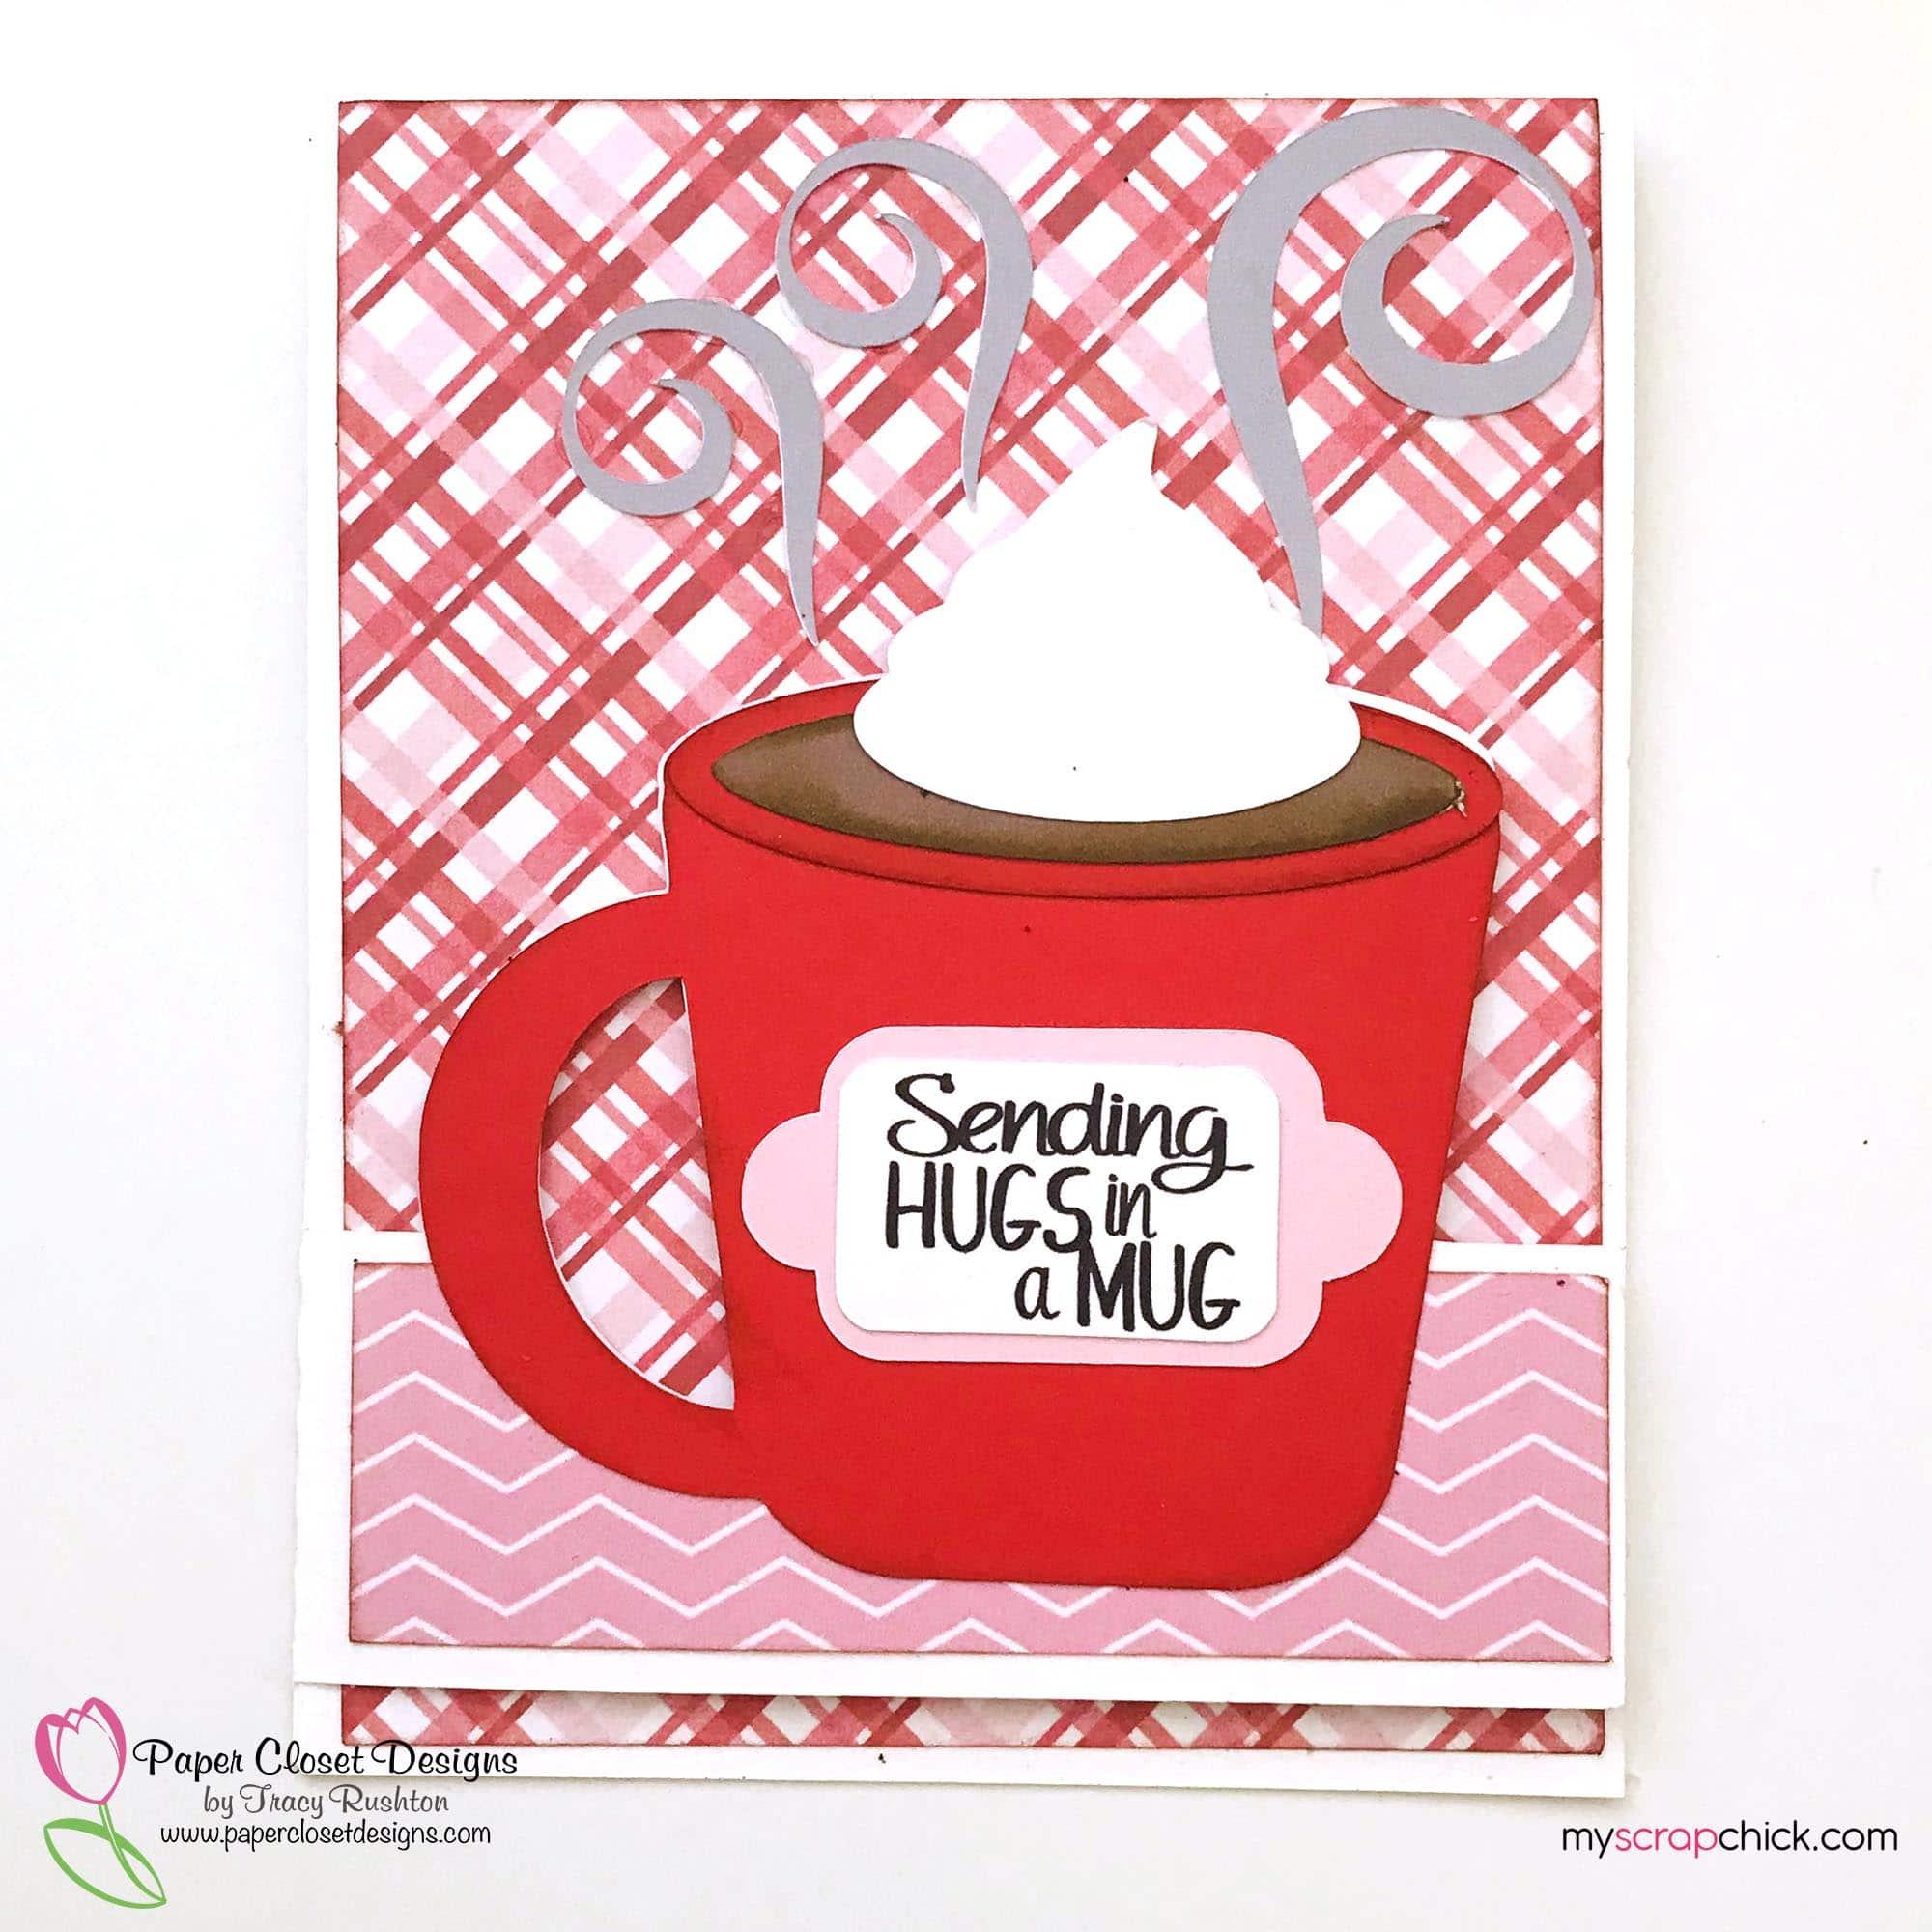 Sending Hugs in a Mug